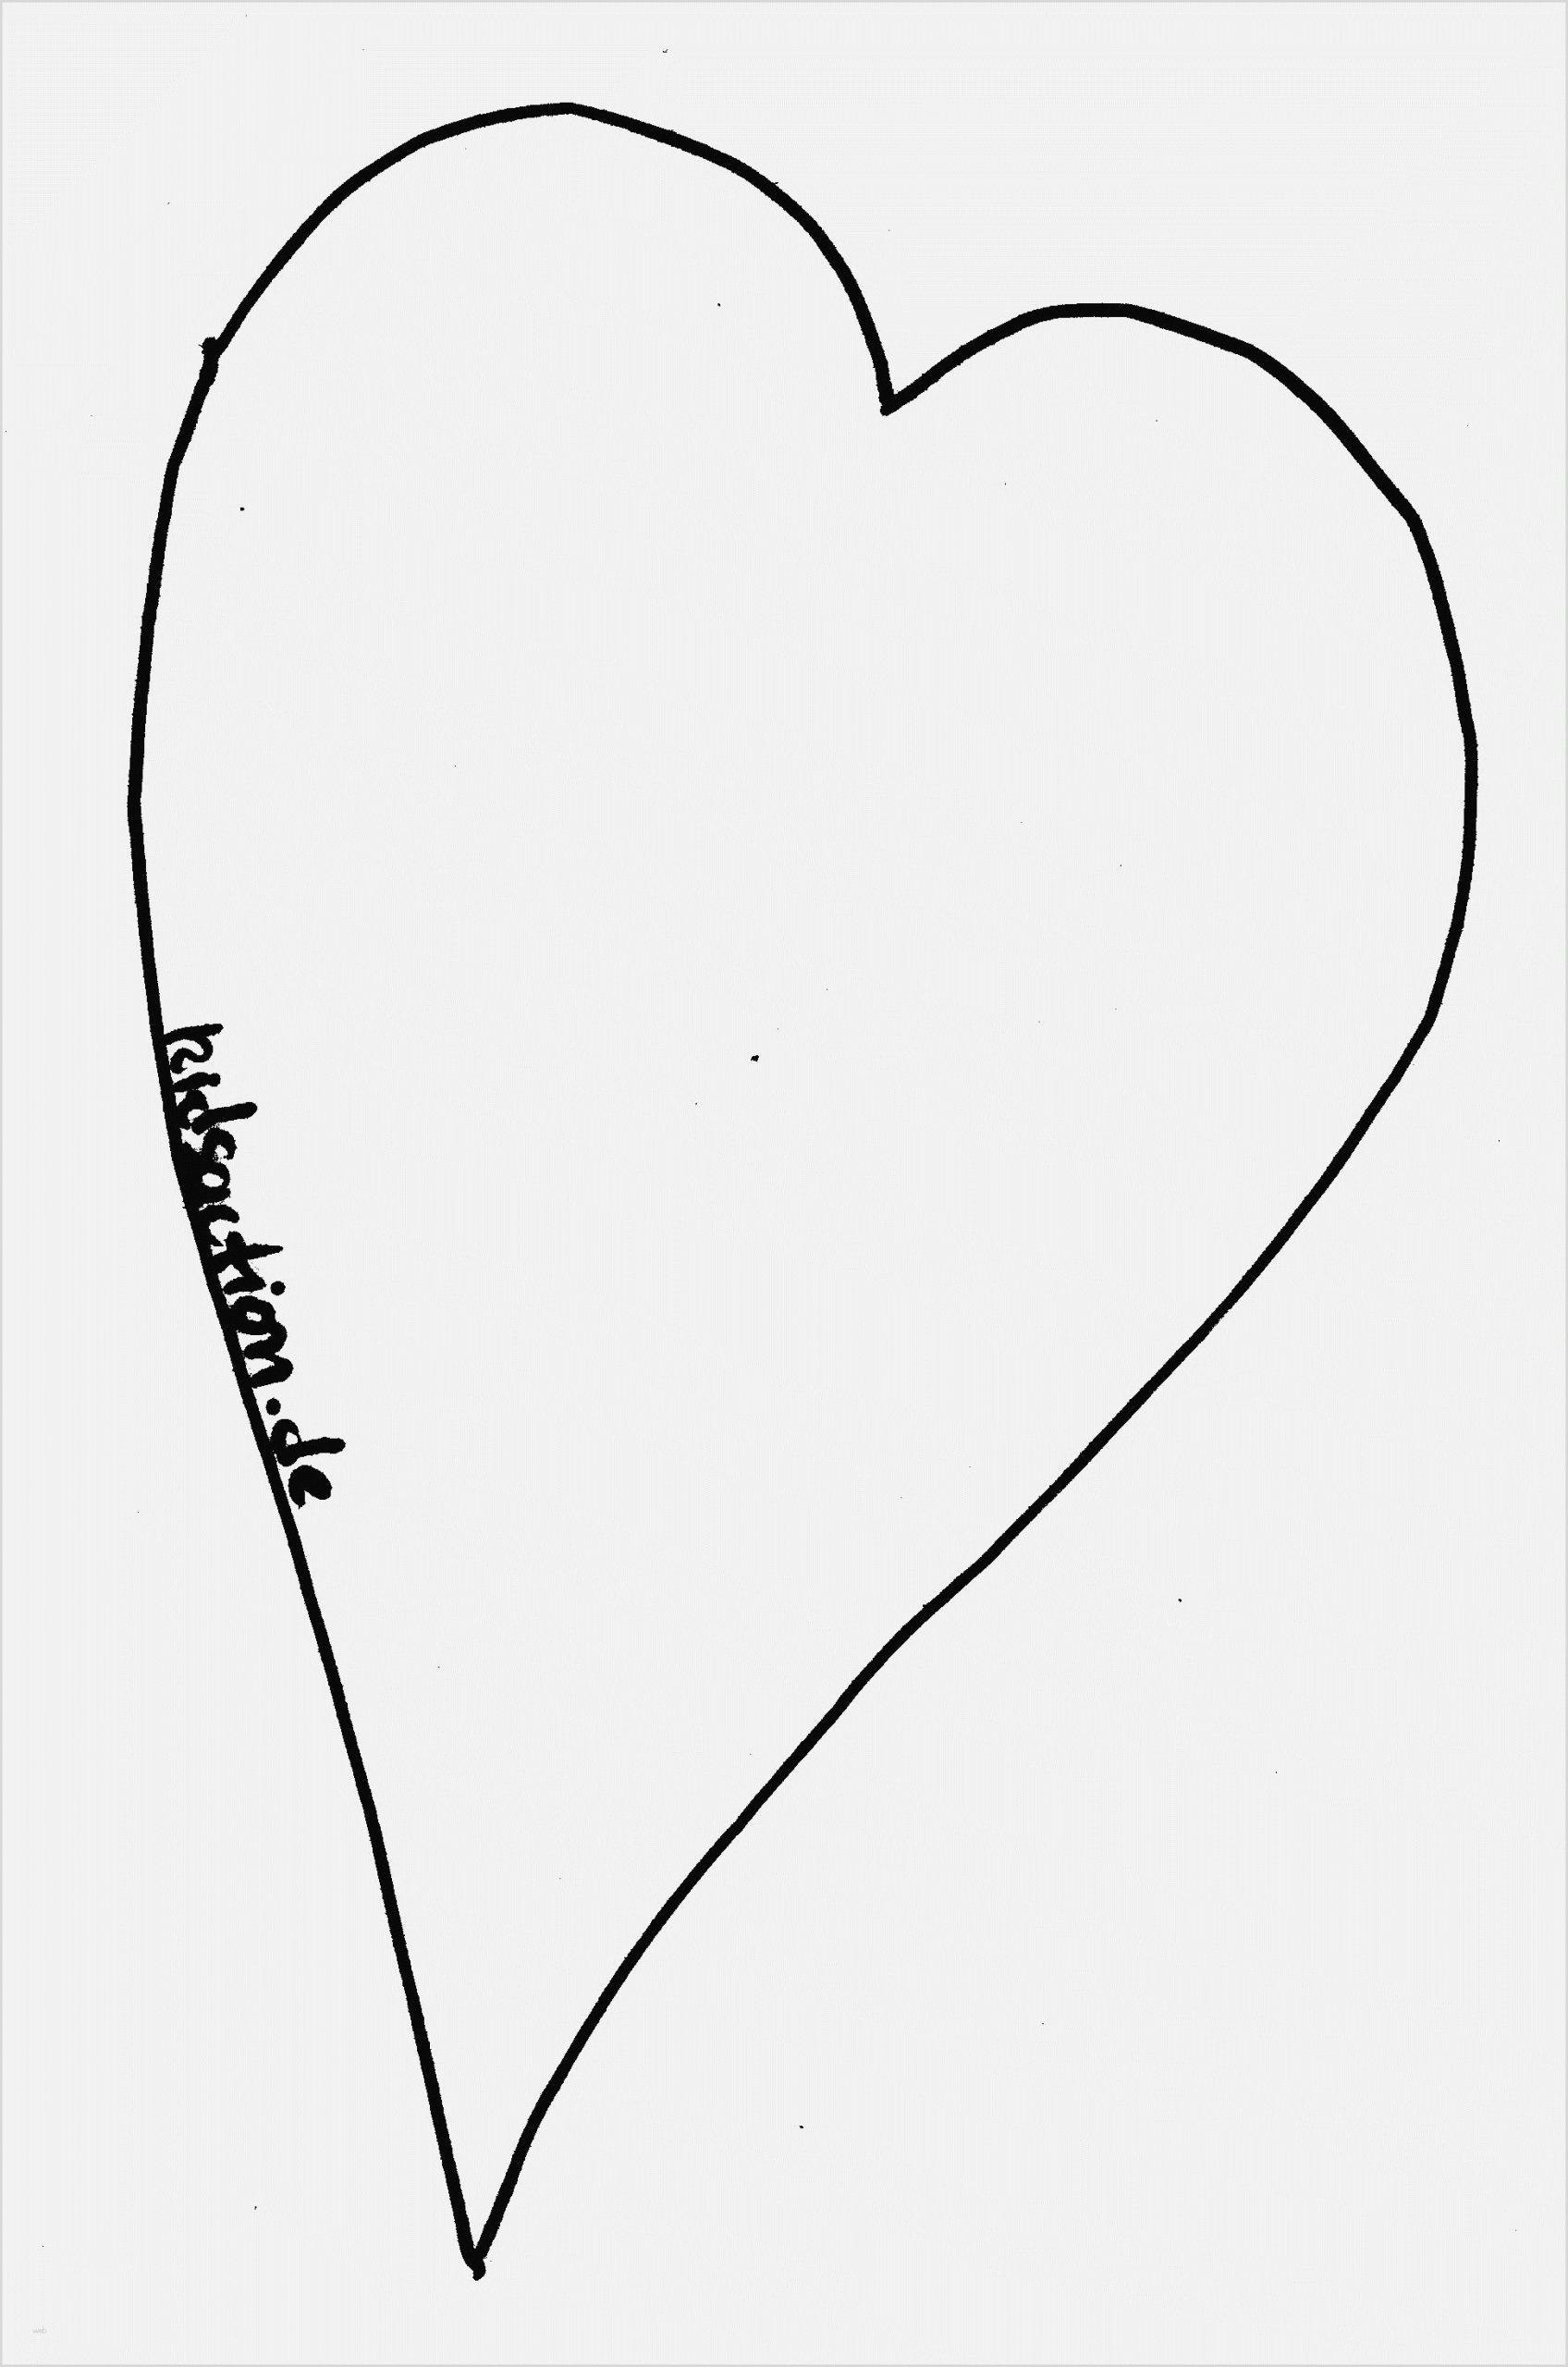 Einzigartig Herzen Vorlage (Mit Bildern) | Herz Vorlage bestimmt für Herz Vorlagen Zum Ausdrucken